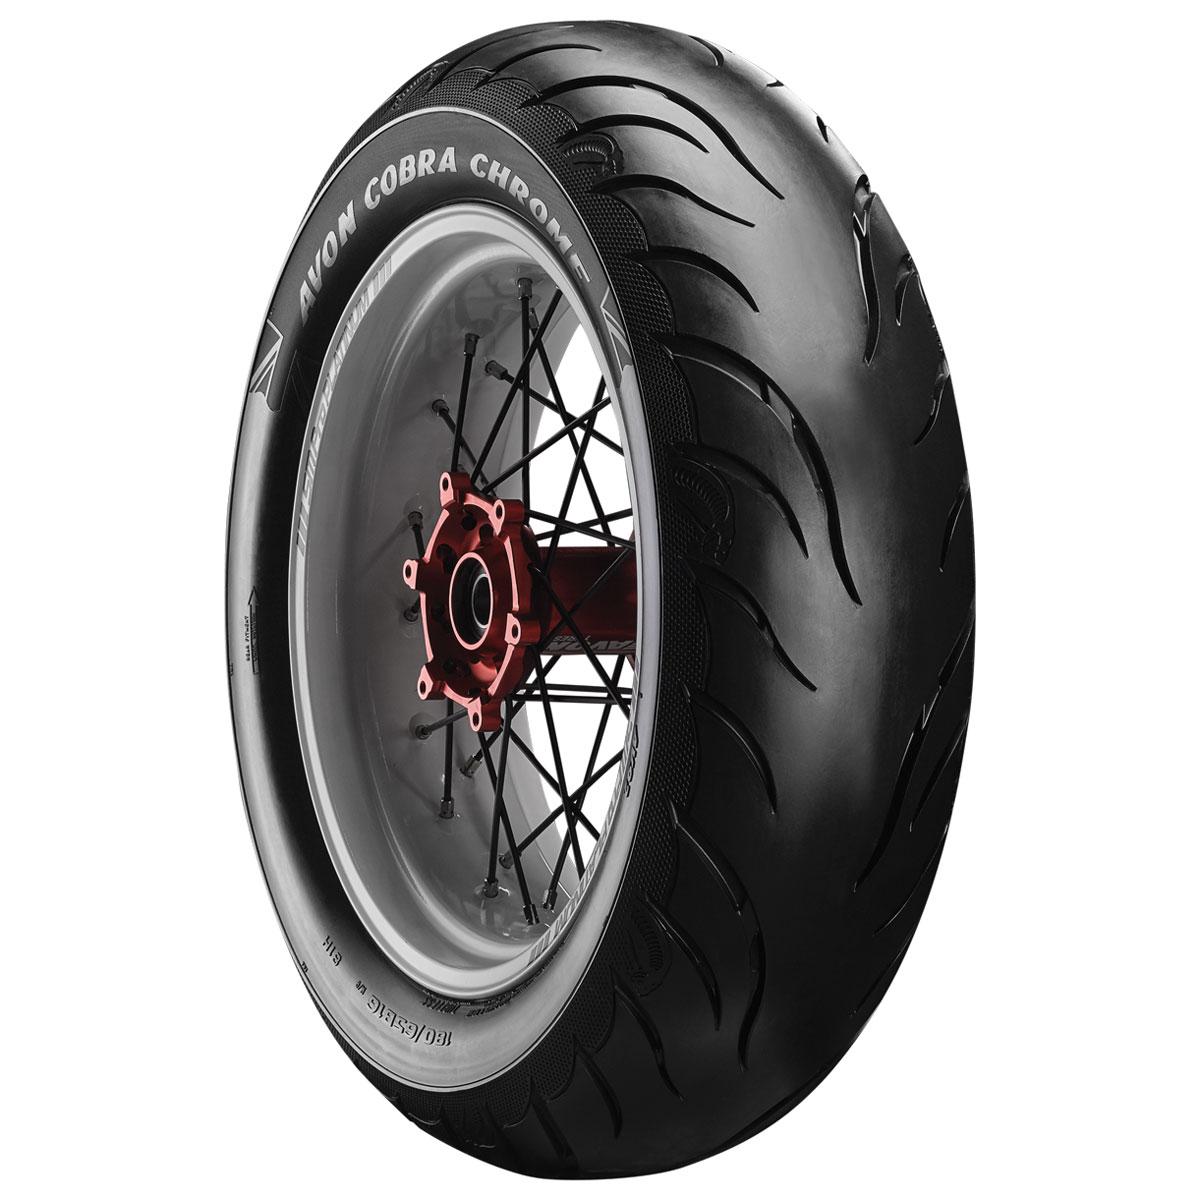 Avon AV92 Cobra Chrome 230/60B15 Rear Tire